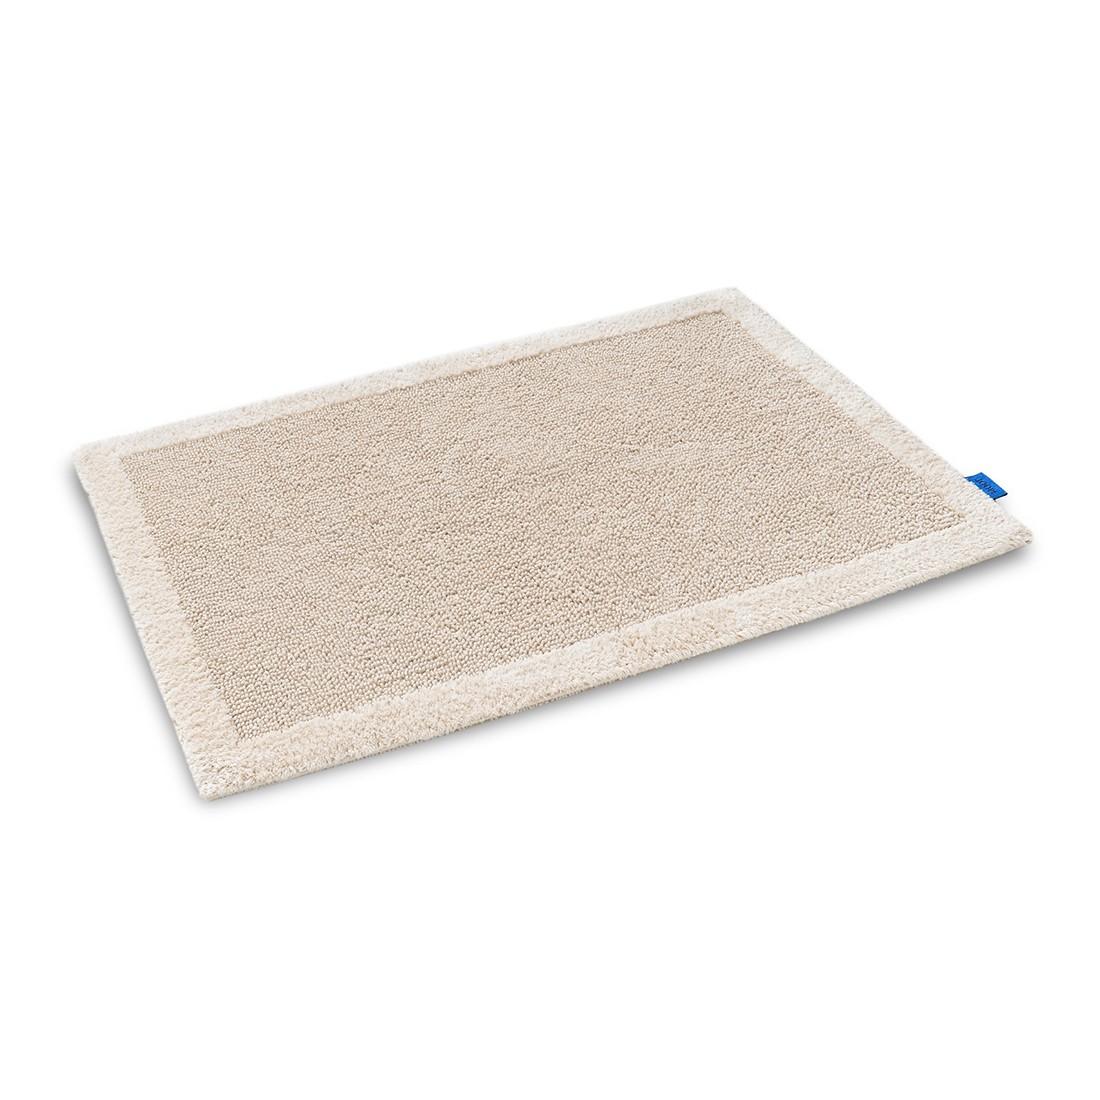 Badteppich Cotton Classic – 100% Baumwolle Natur – 020 – 70 x 120 cm, Joop jetzt bestellen